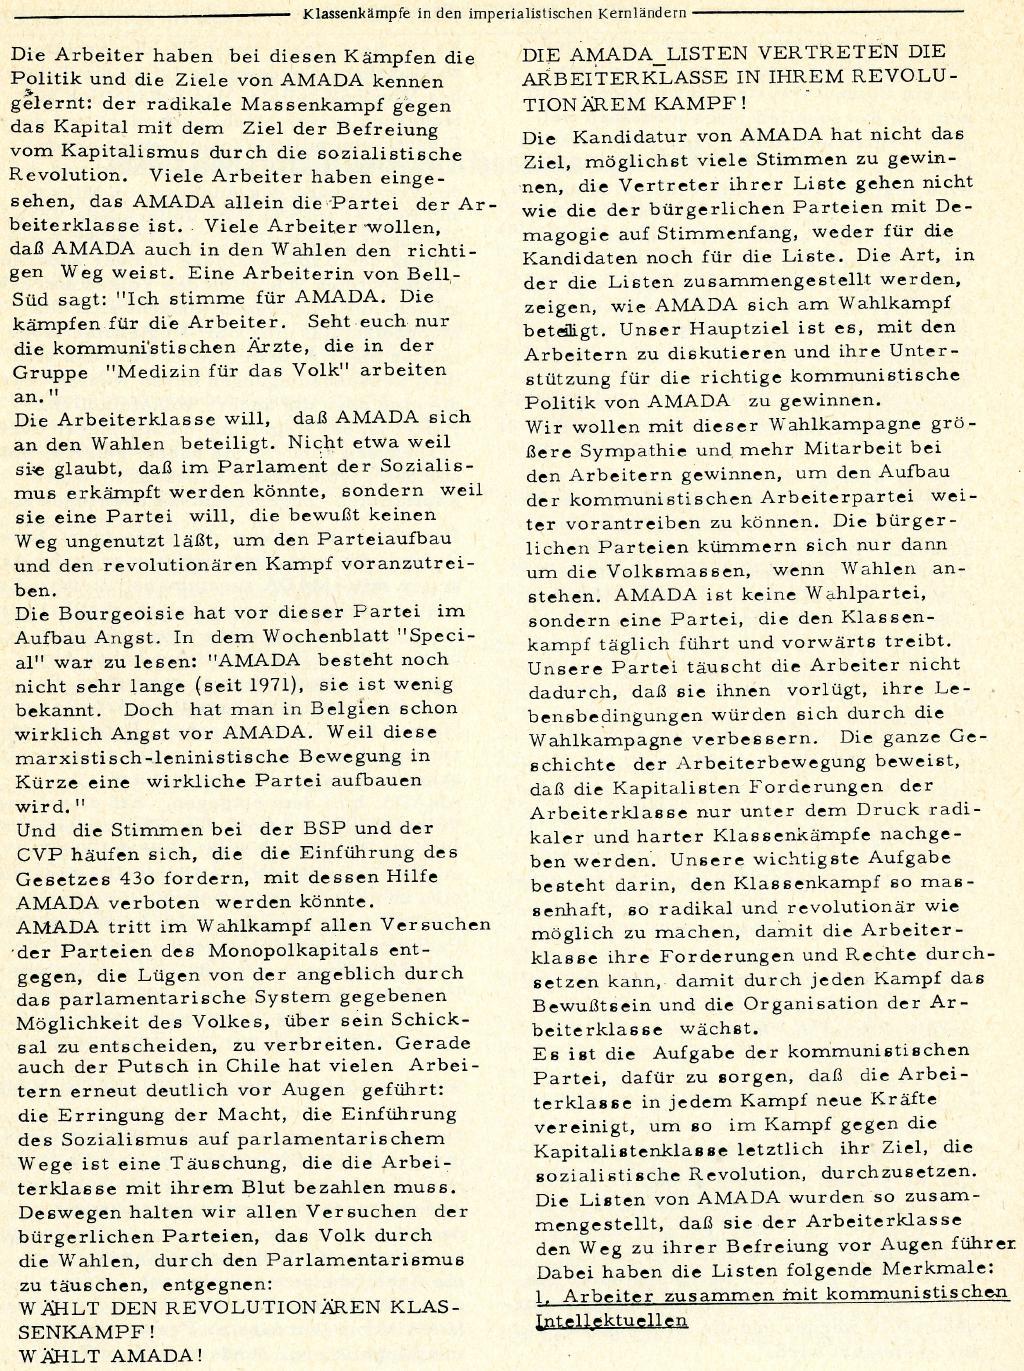 RPK_1974_09_10_06